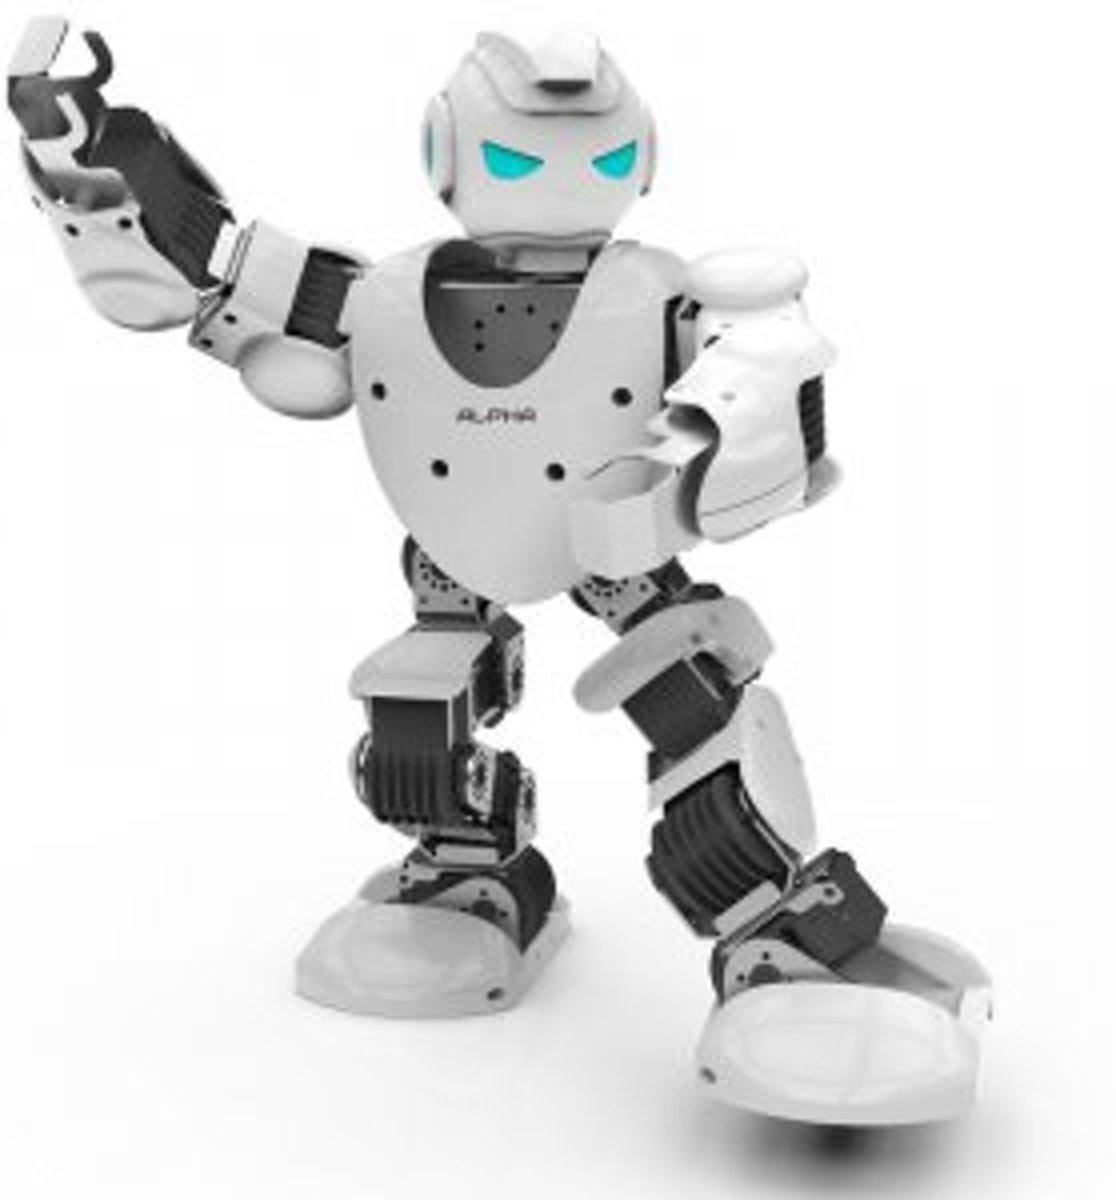 Vitta Robot Alpha 1s Speelgoed Ubtech Humanoid